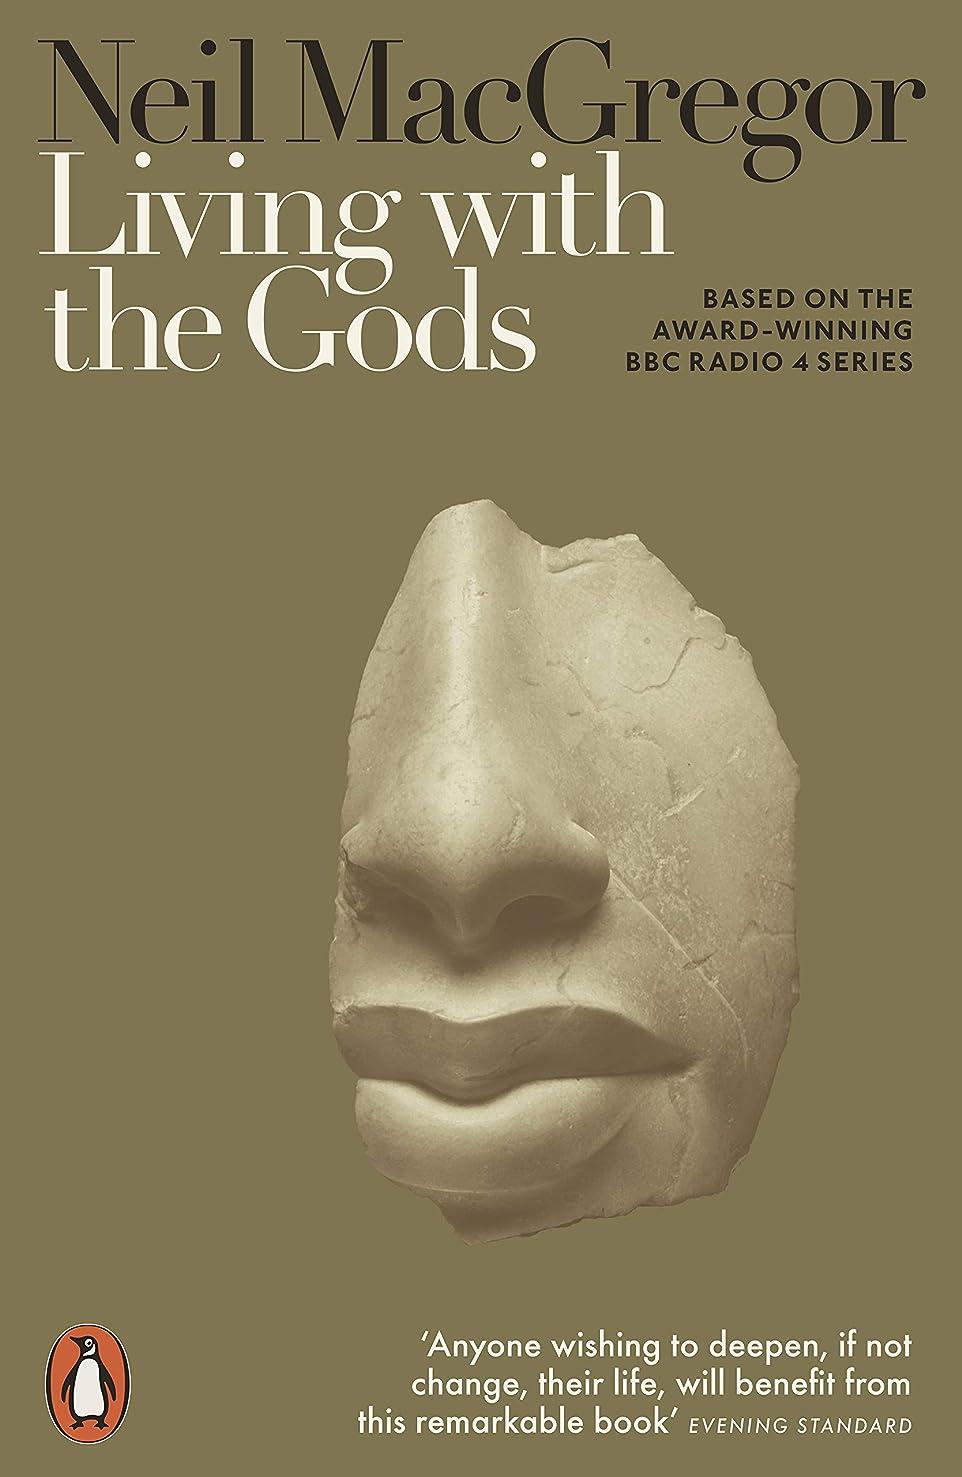 協会後悔気味の悪いLiving with the Gods: On Beliefs and Peoples (English Edition)